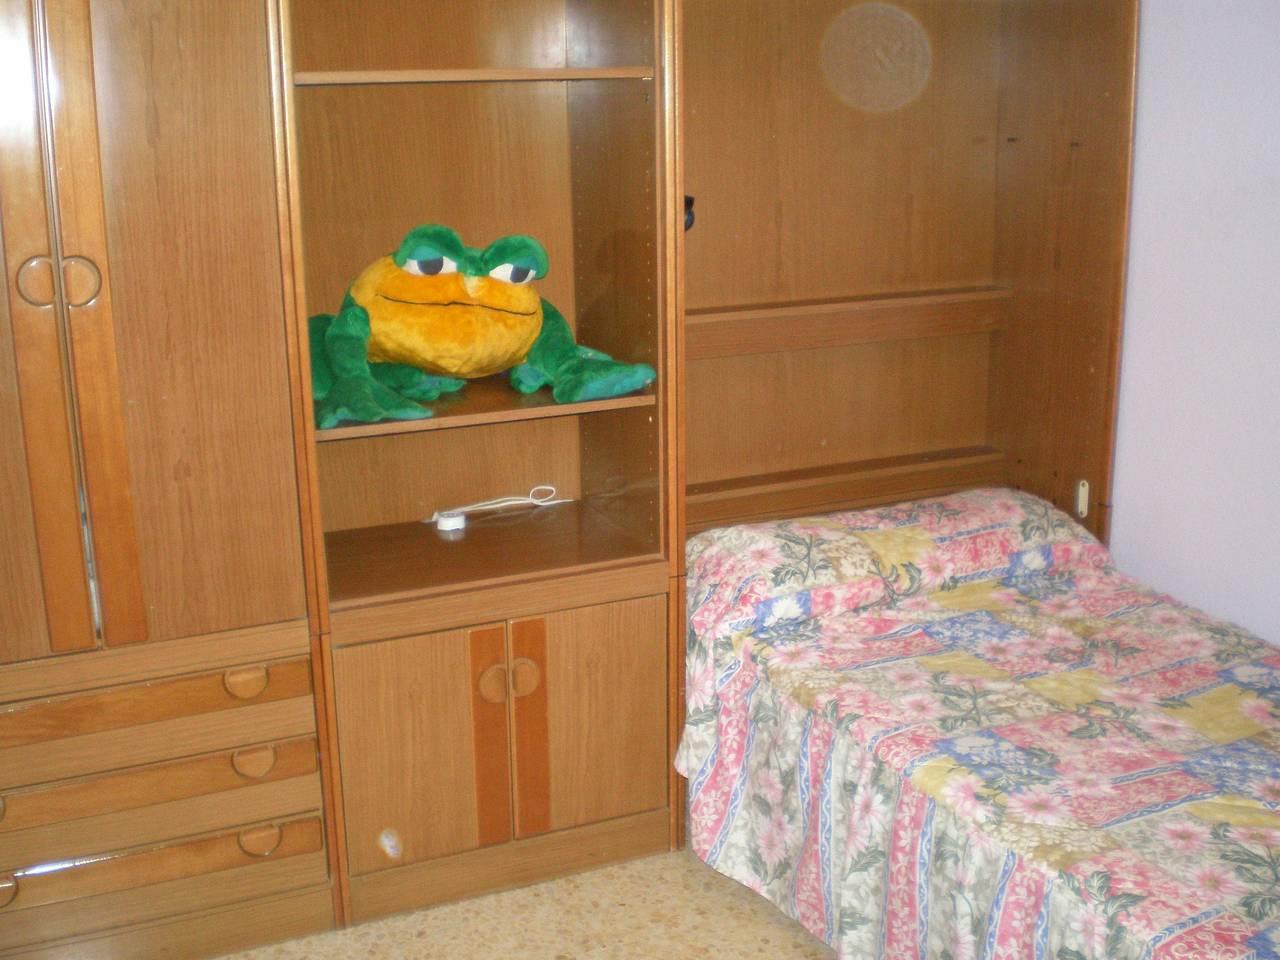 en soria se alquilan una habitacion en piso compartido  - Foto 18